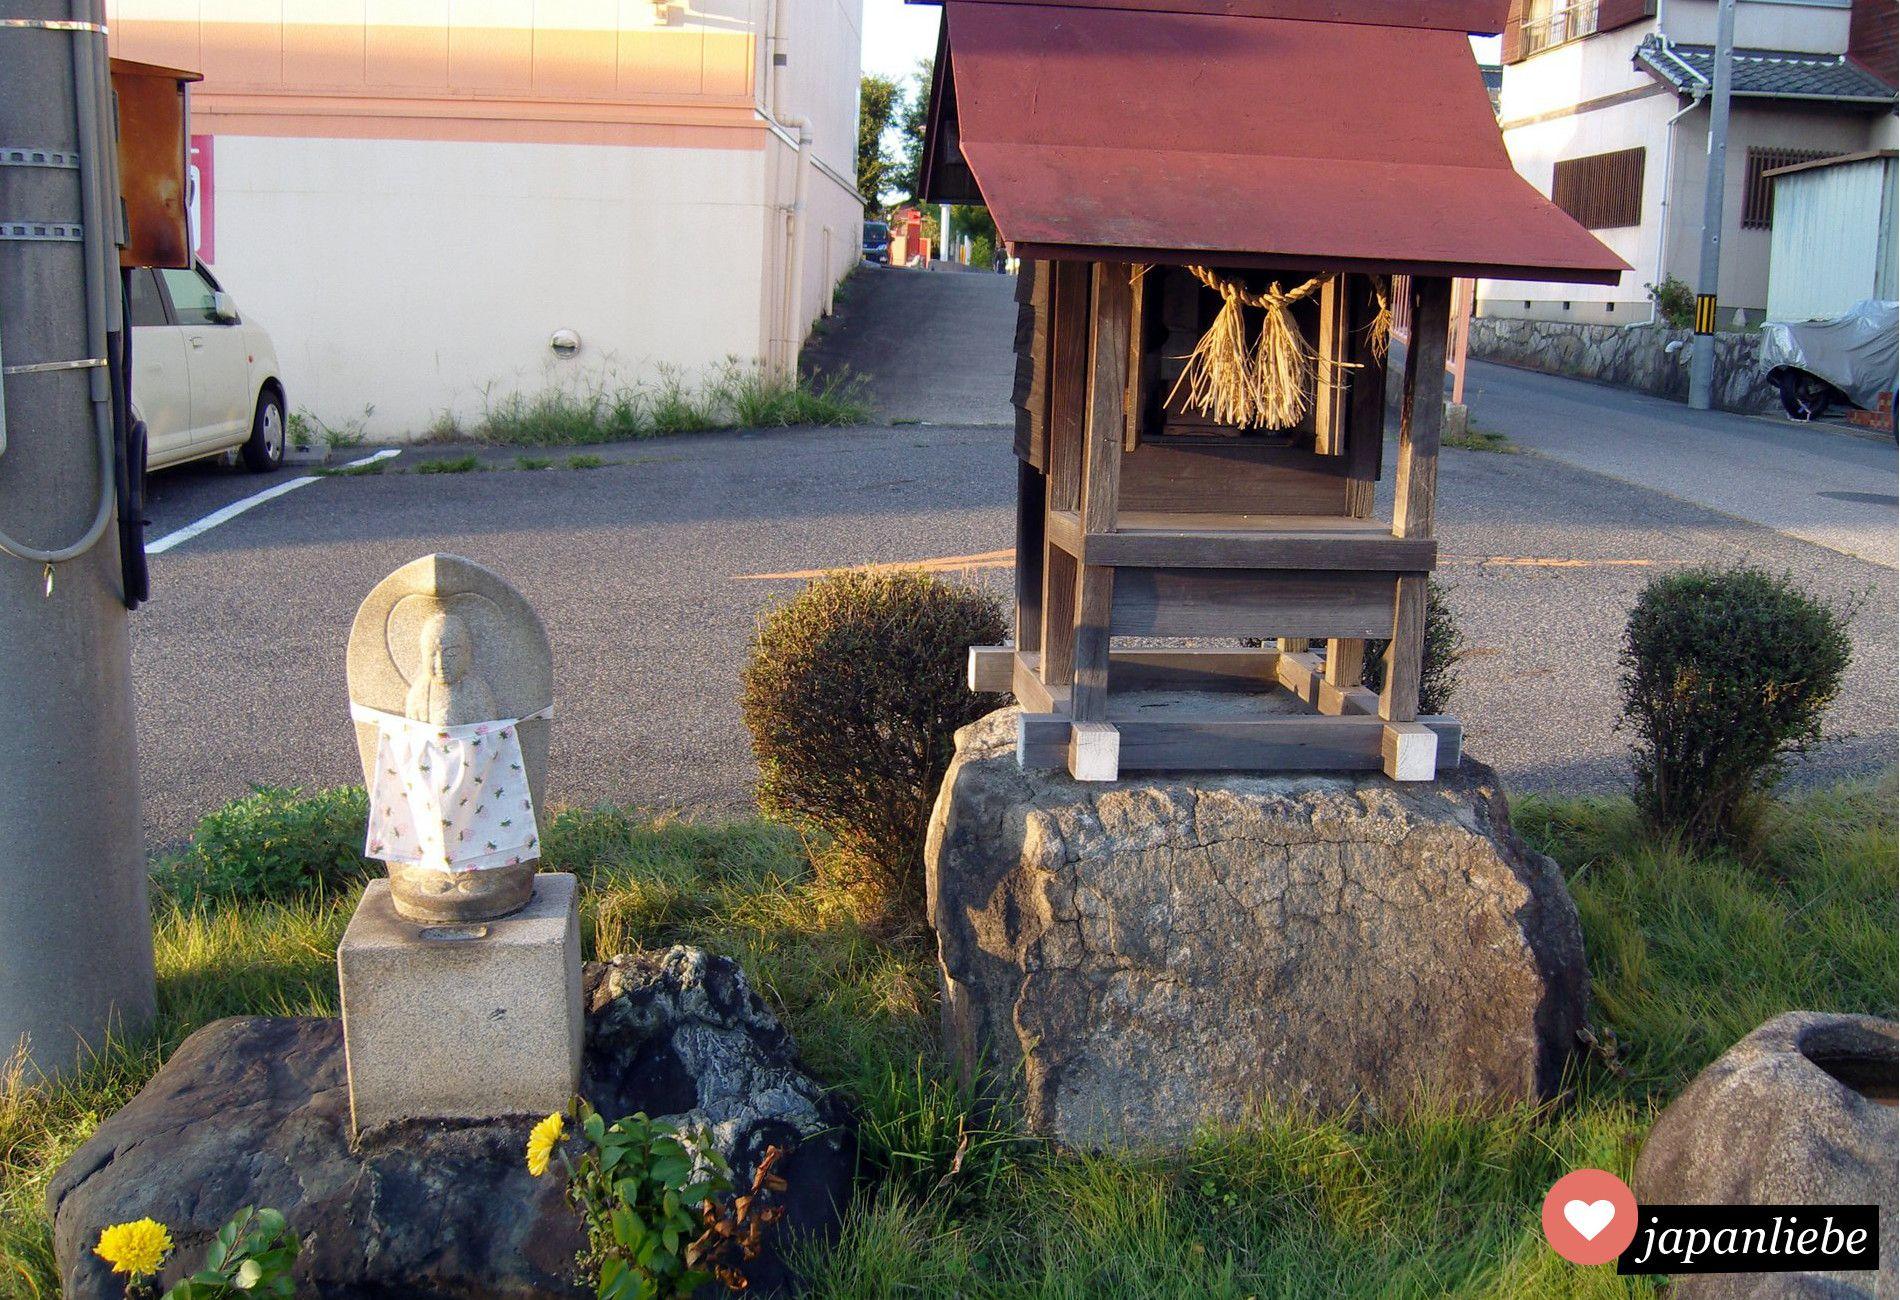 kleiner japanischer schrein am stra enrand eines parkplatzes samuari. Black Bedroom Furniture Sets. Home Design Ideas